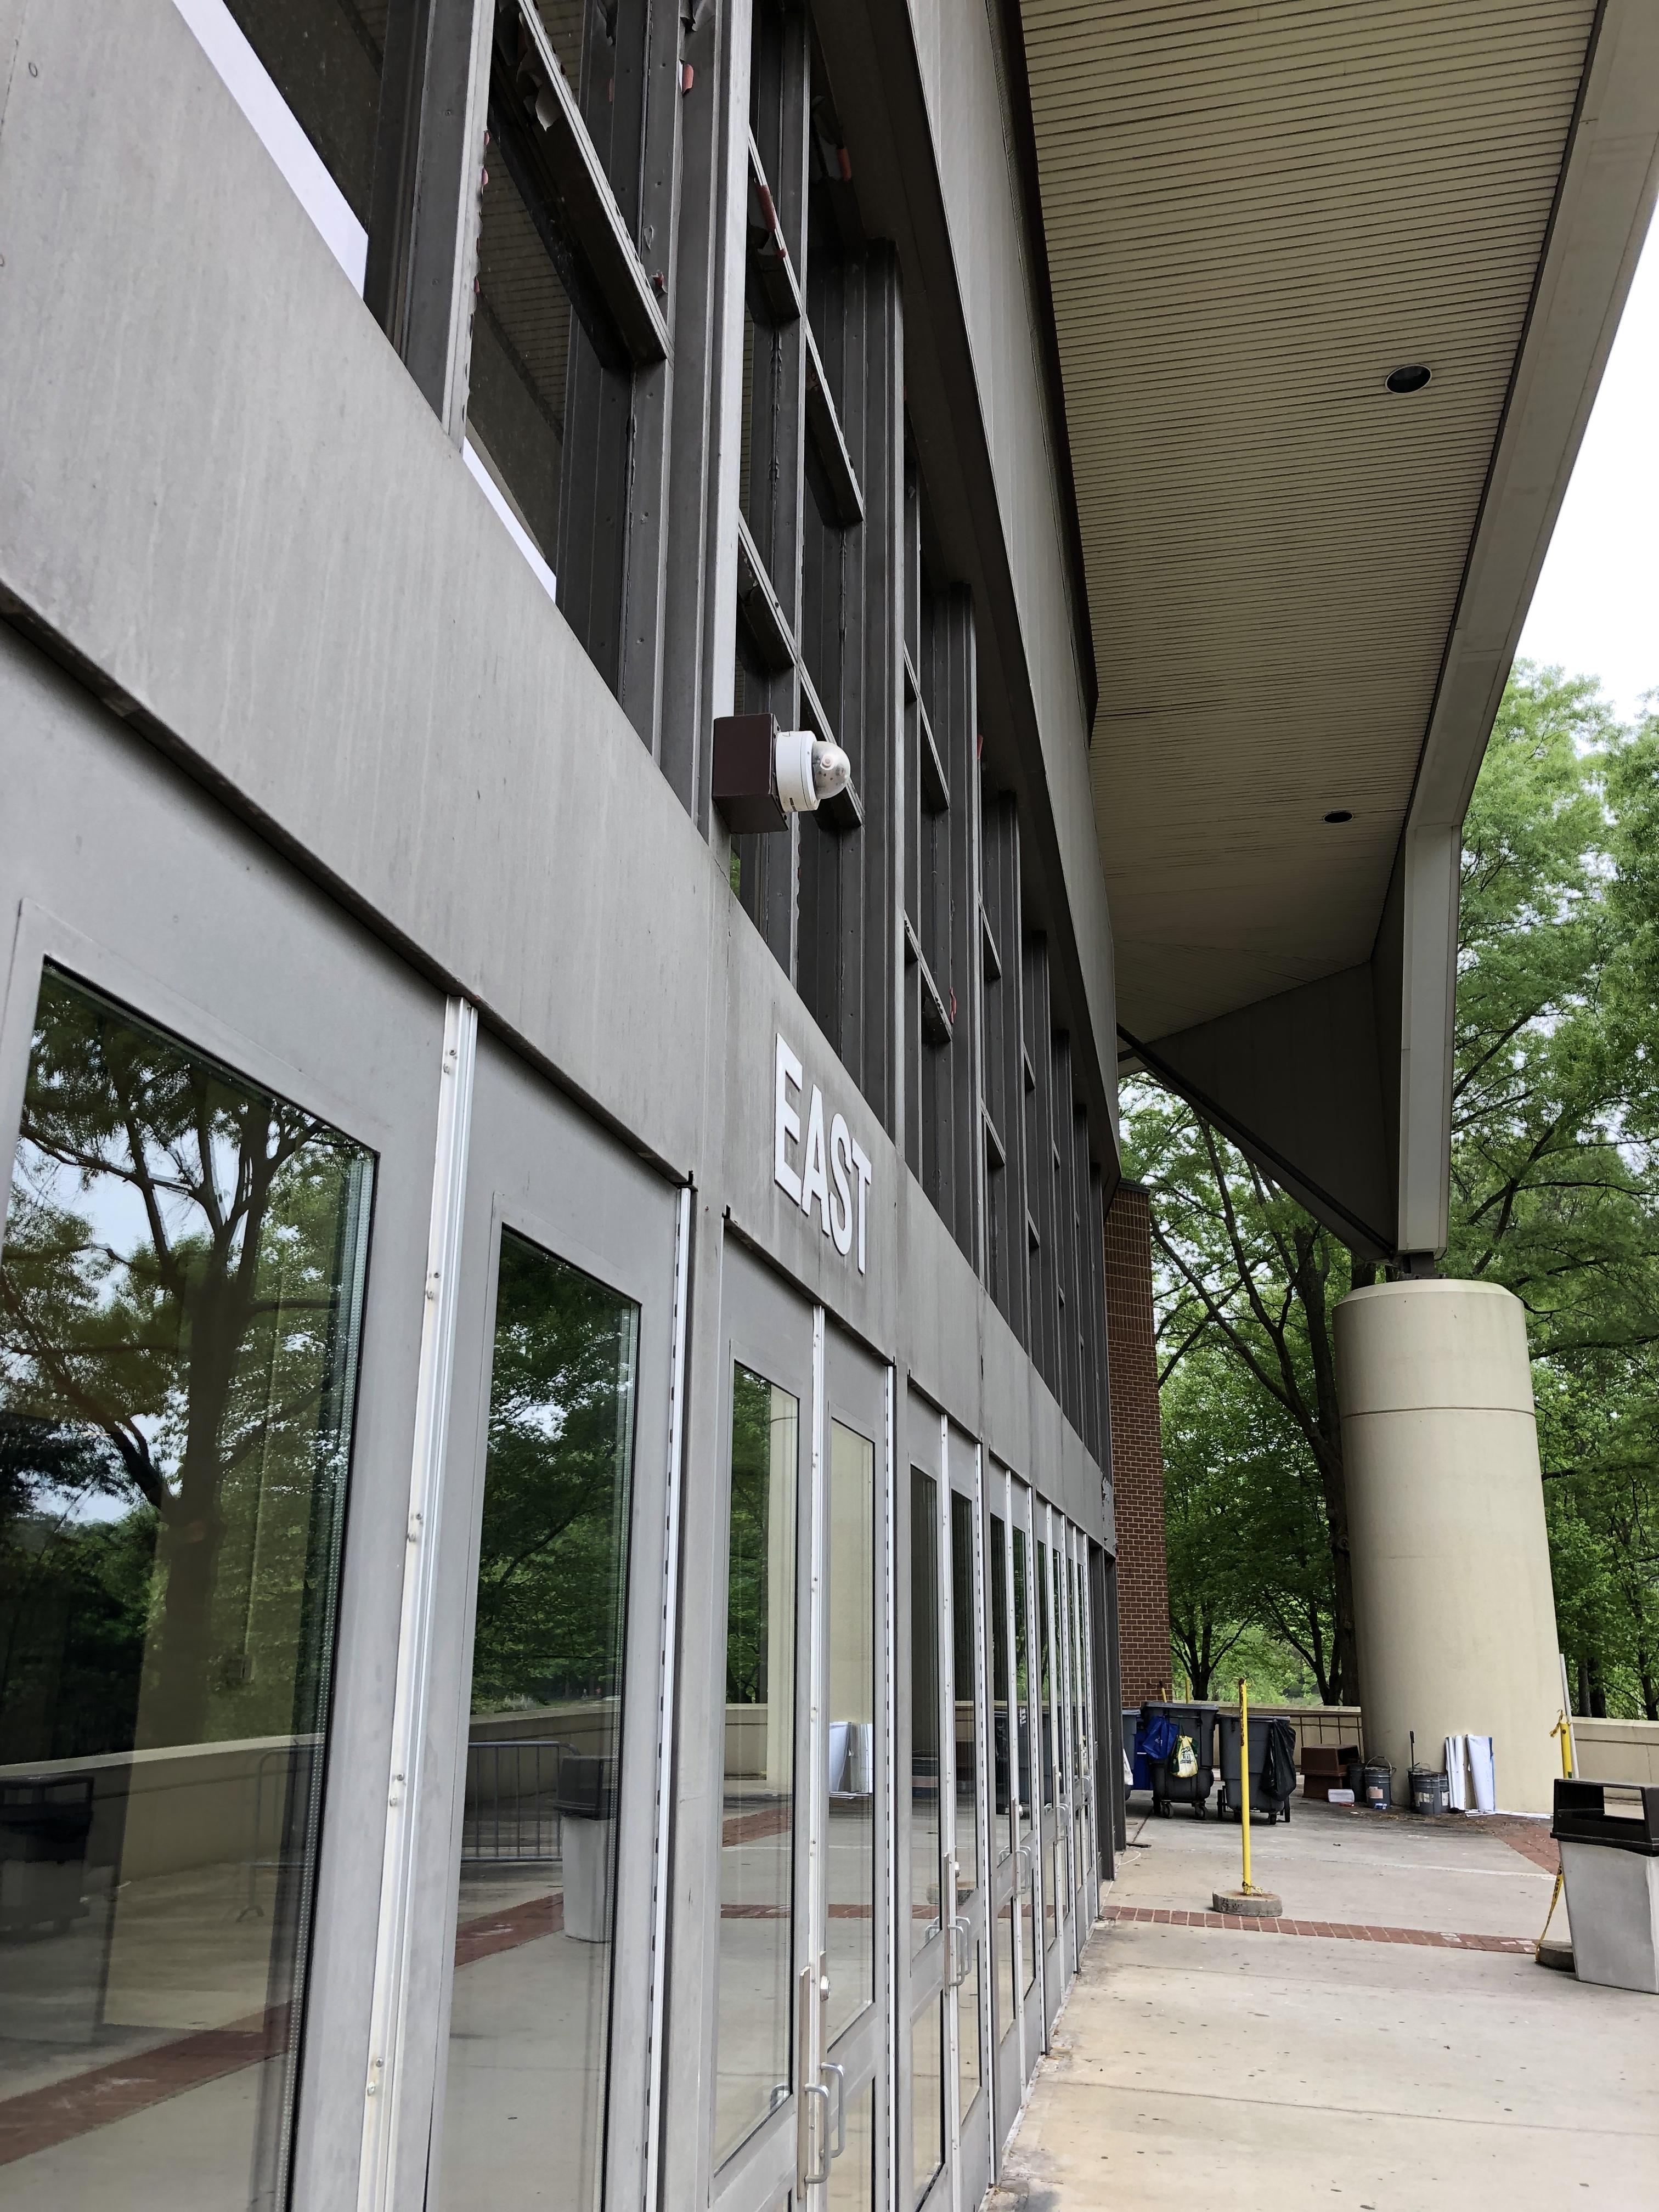 George Mason University, Fairfax, VA